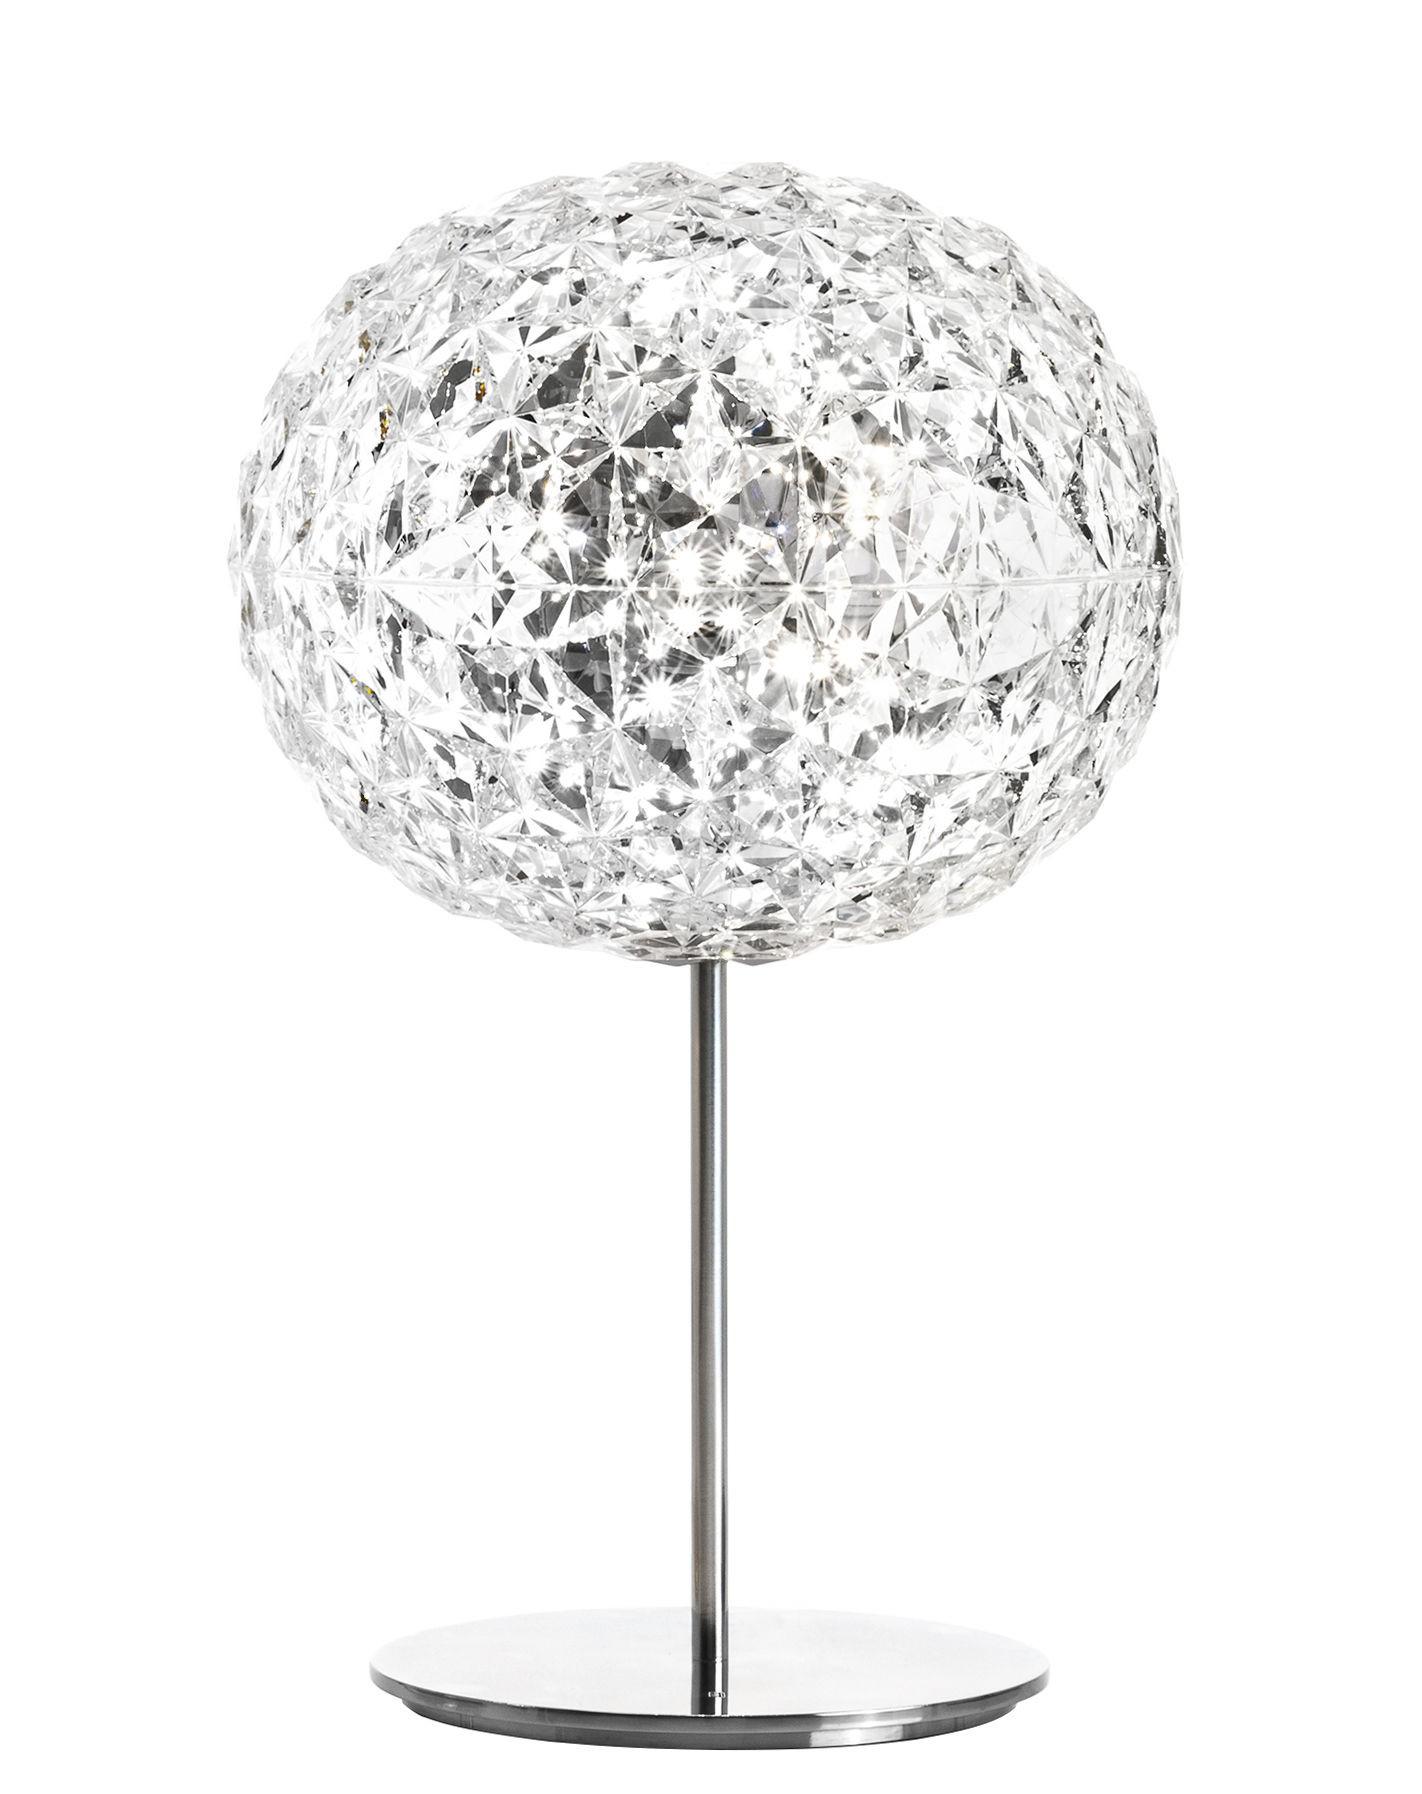 lampe poser planet de kartell cristal. Black Bedroom Furniture Sets. Home Design Ideas